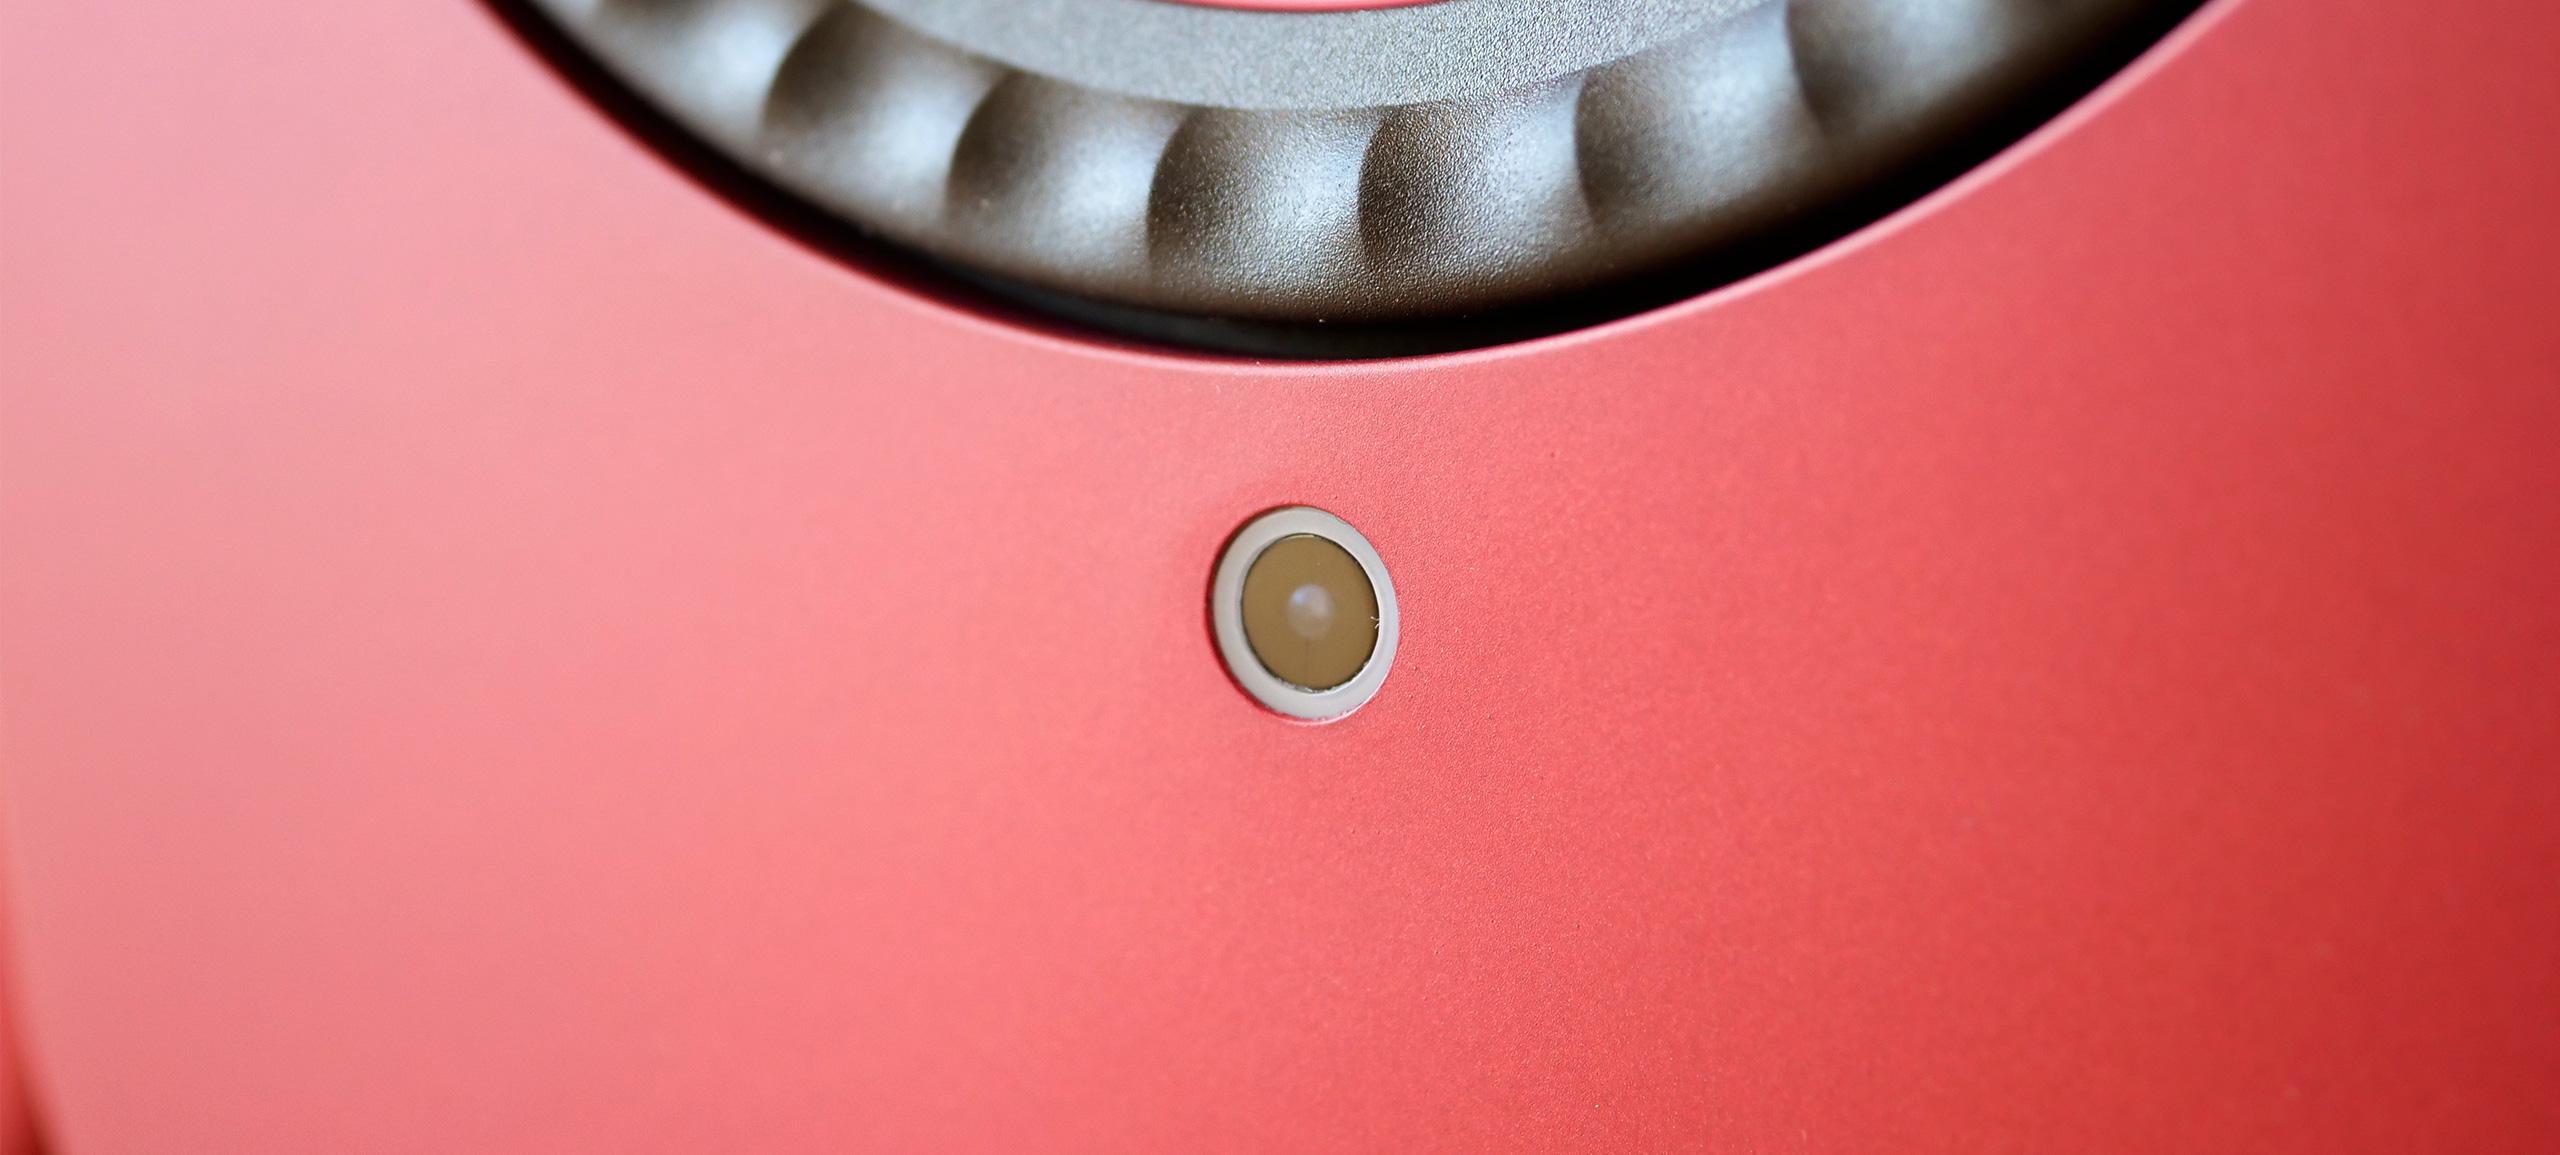 Sur l'enceinte Master, le petit voyant en forme de cercle entoure le récepteur infrarouge de la télécommande.